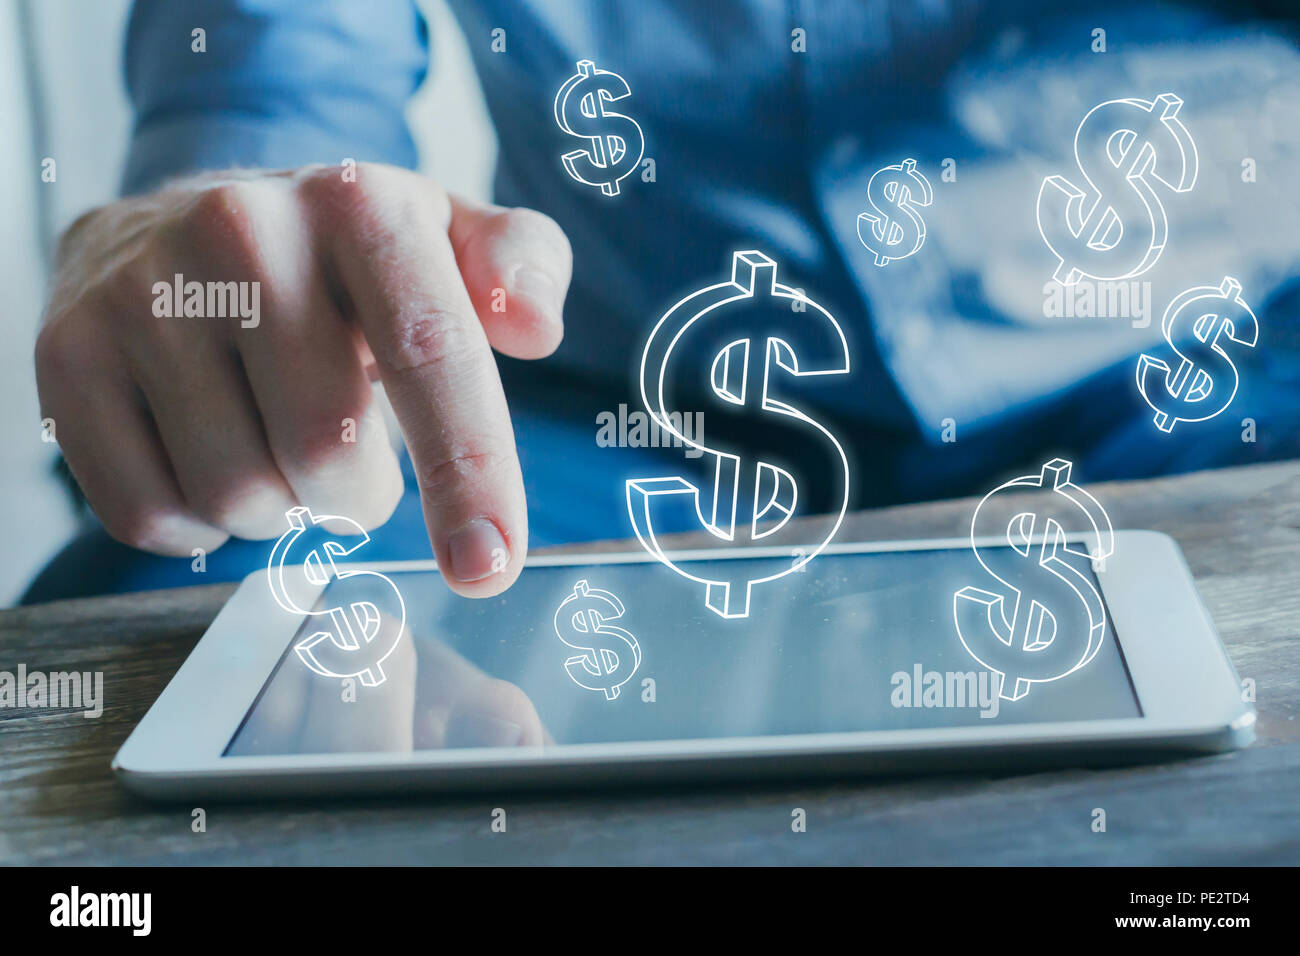 Finanzkonzept, On-line-Geschäft Gewinn, e-Business, Geld im Internet zu verdienen, e-Commerce Stockbild